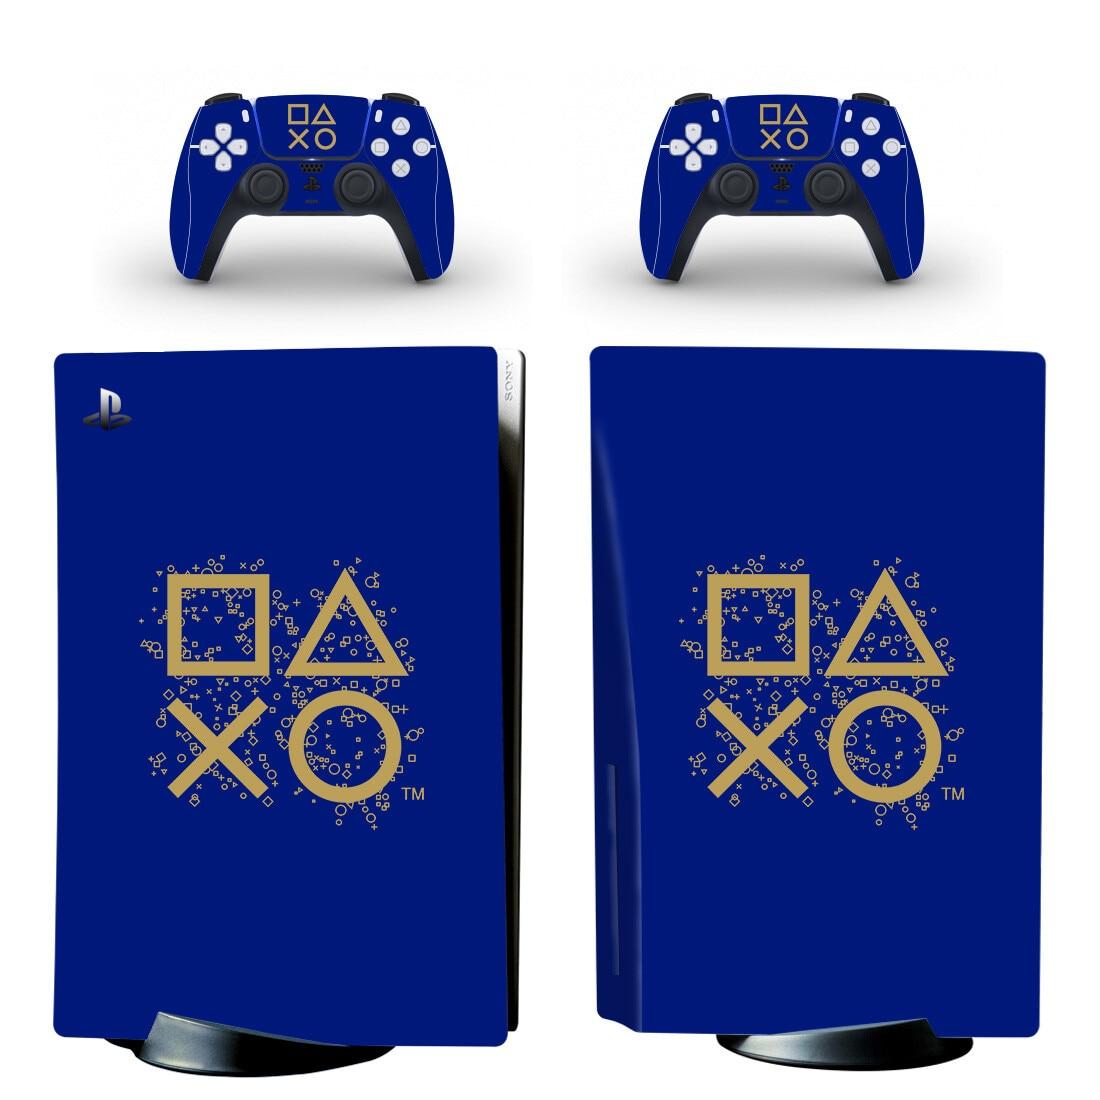 جديد PS5 القياسية القرص الجلد ملصق مائي ل بلاي ستيشن 5 وحدة التحكم و 2 تحكم PS5 القرص الجلد الفينيل